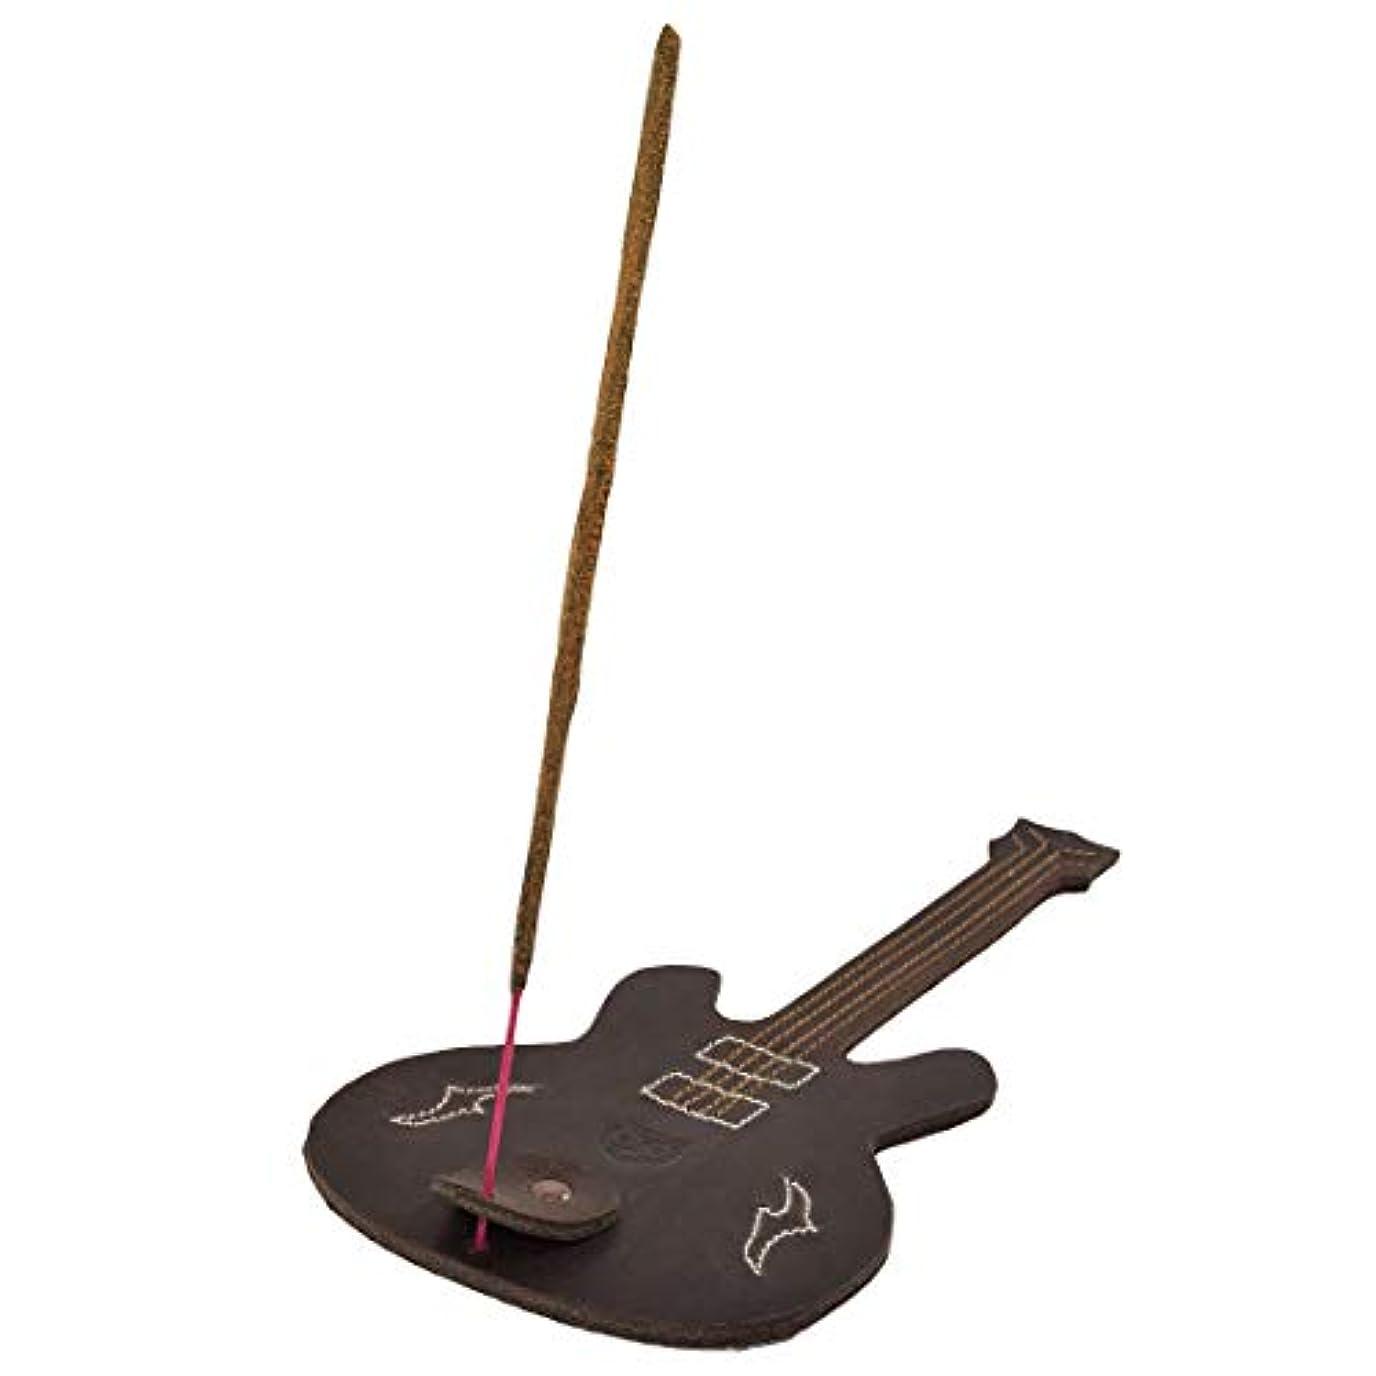 幻滅するスピーチフィードHide & Drink厚レザーギター形状Incense Burnerスティックホルダーwith Ashキャッチャー手作りでBourbonブラウン